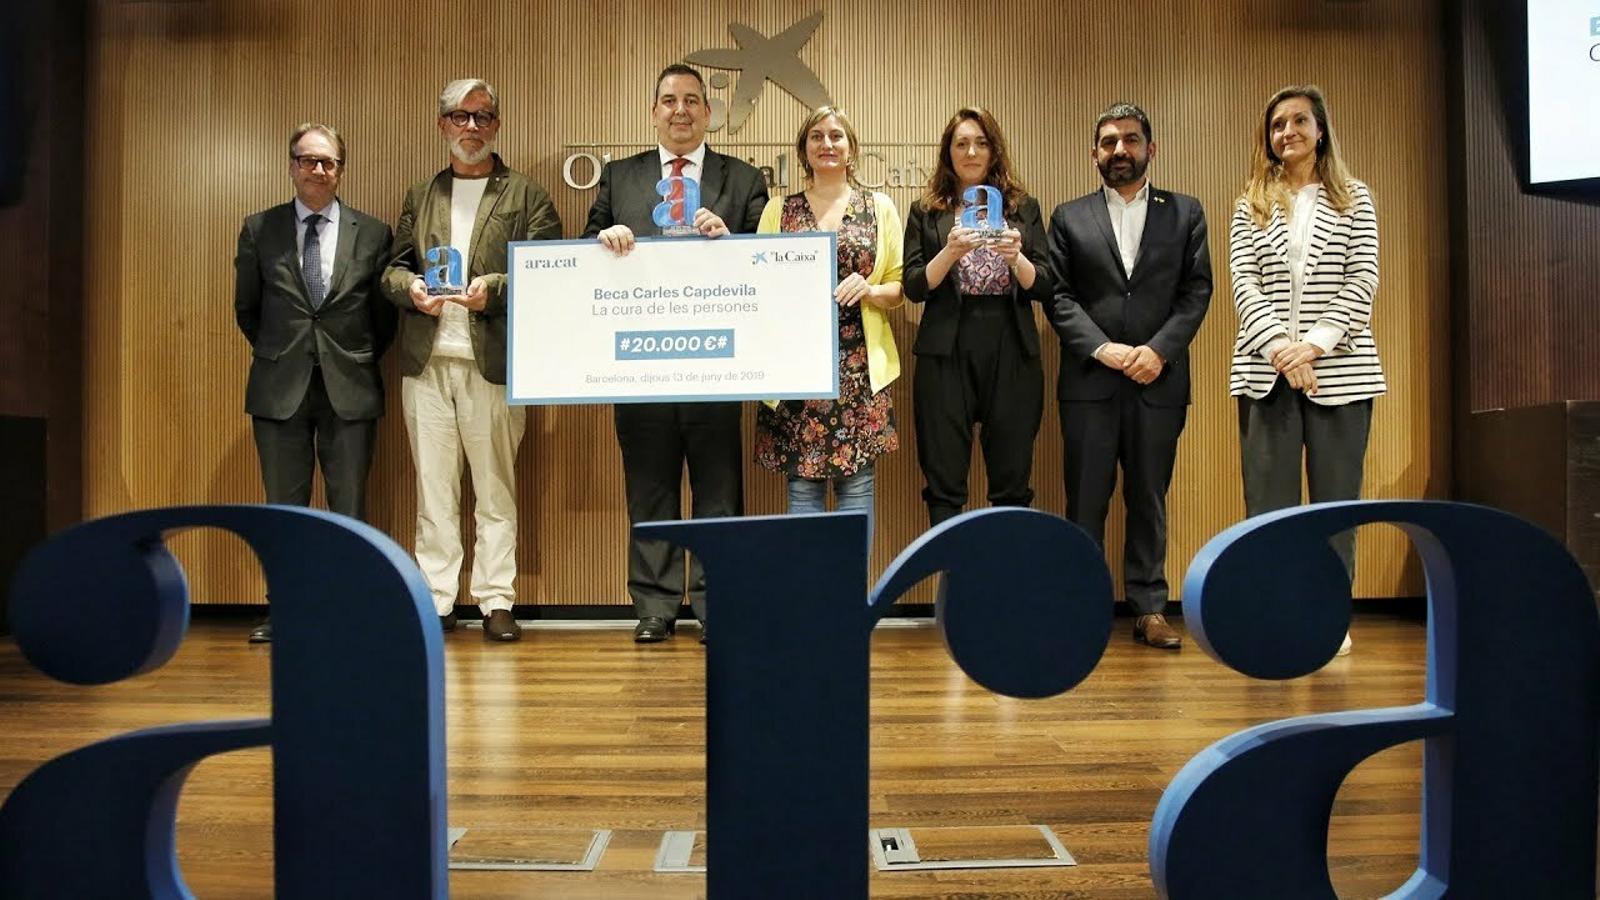 L'Hospital Sagrat Cor i la parròquia Santa Anna guanyen la segona beca Carles Capdevila